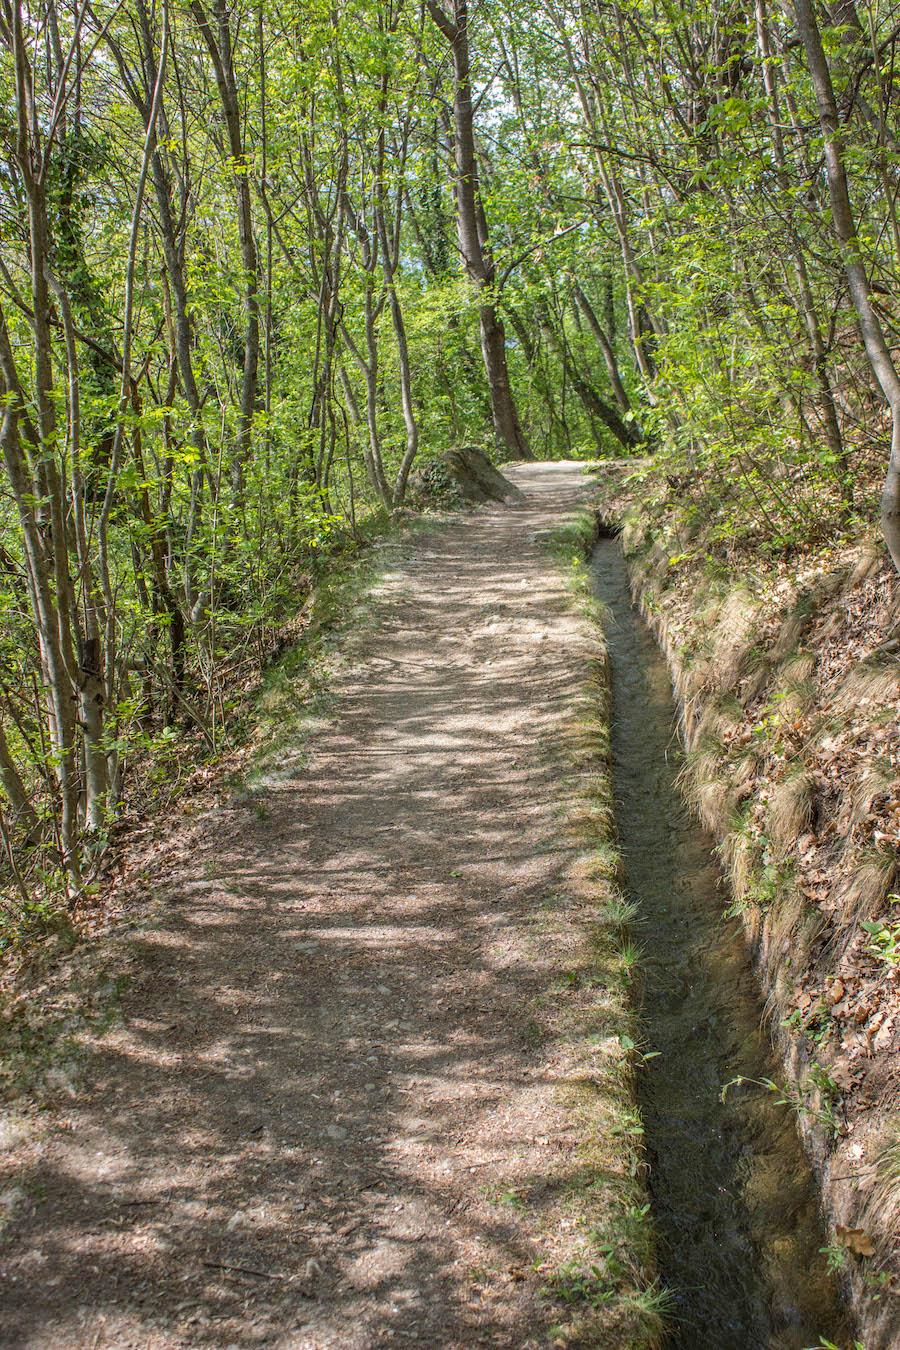 Naturnser Waalweg Suedtirol - Waalweg